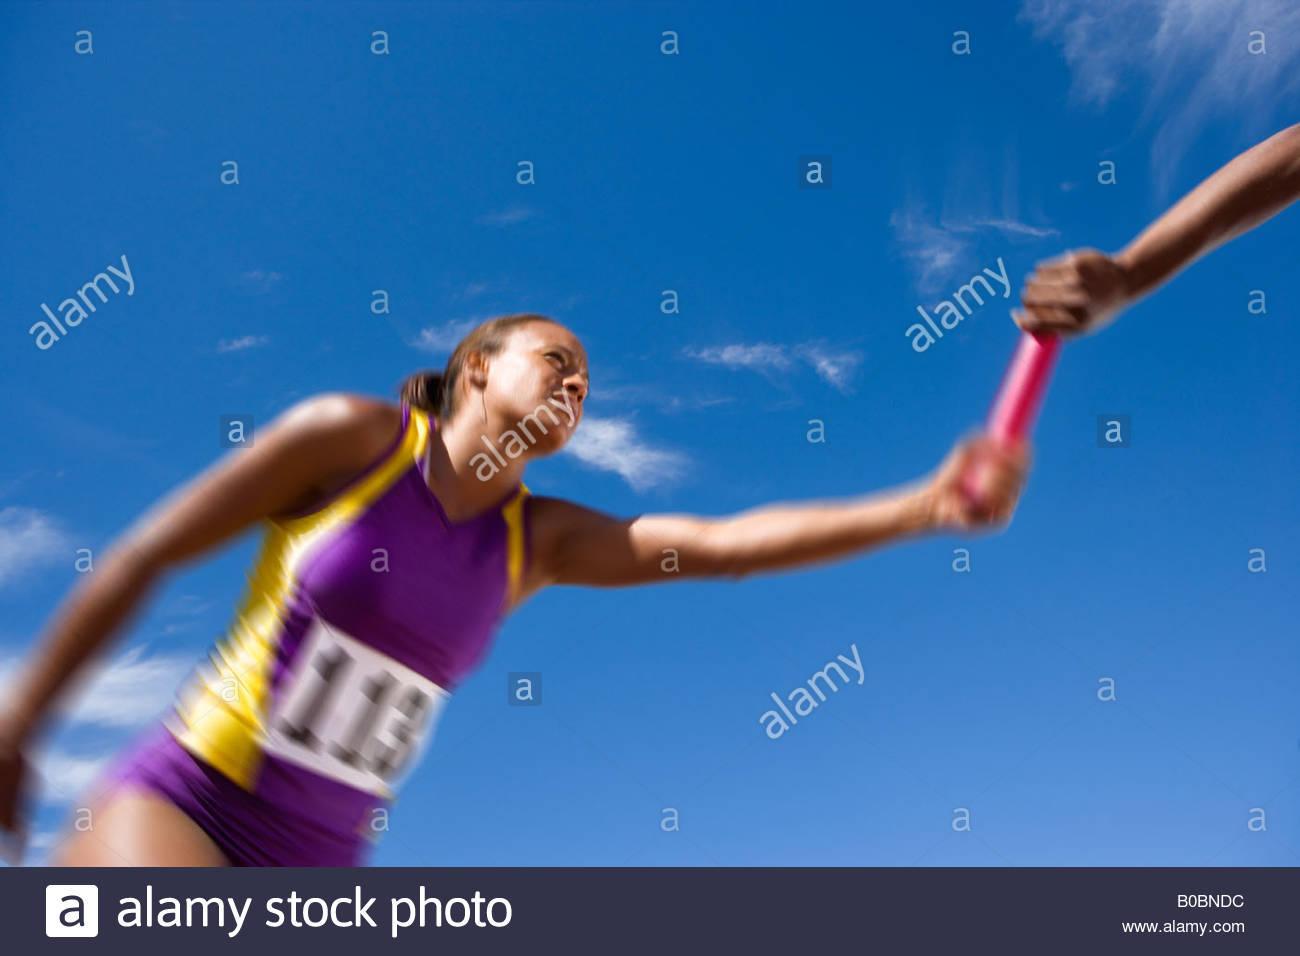 Female relay athletes passing baton blurred motion - Stock Image